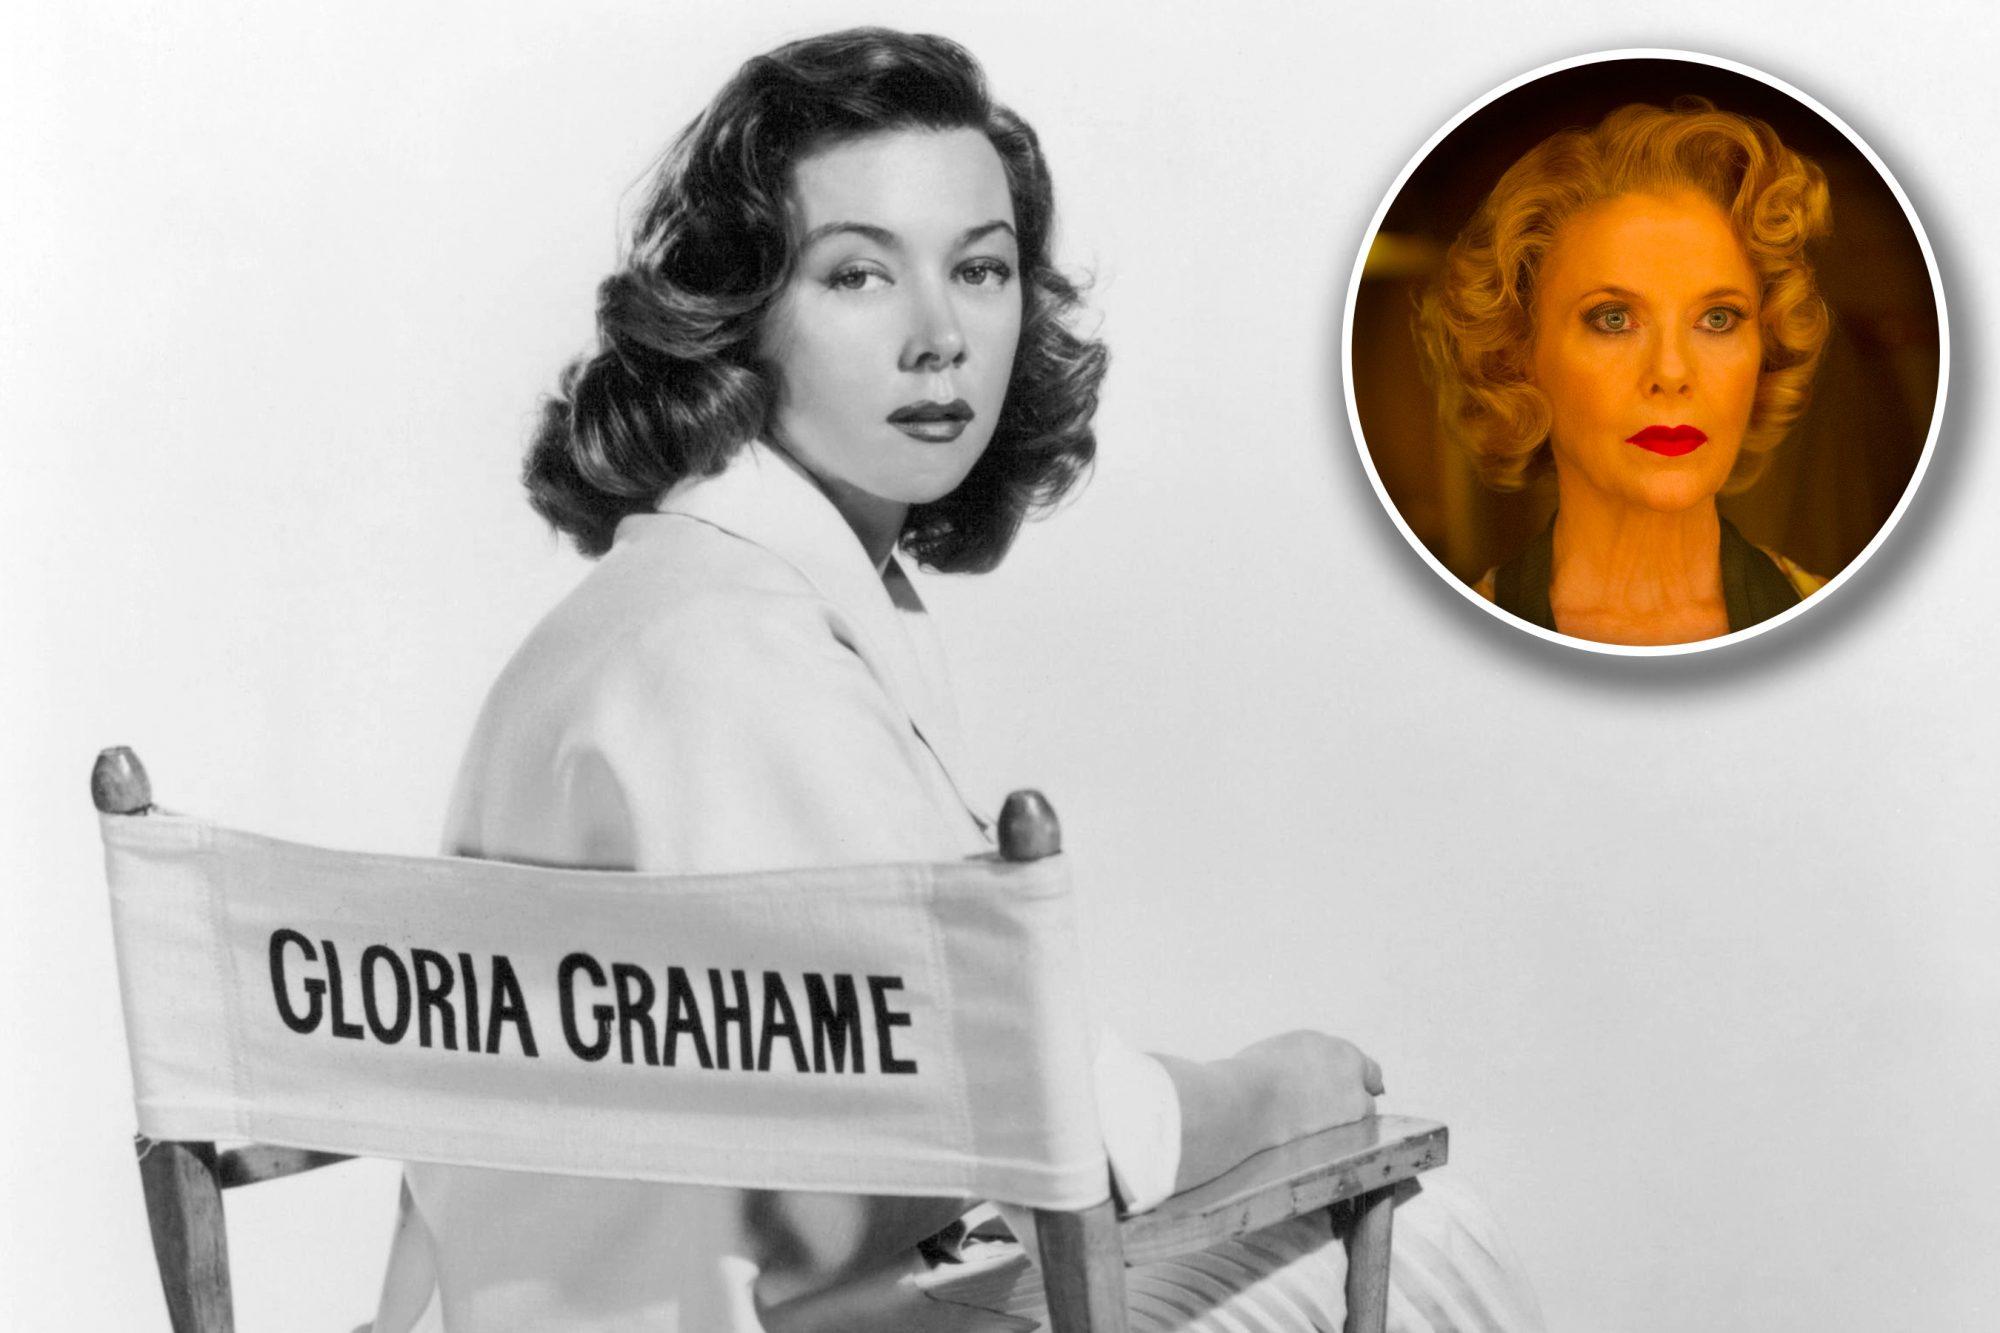 Gloria Grahame / Annette Benning